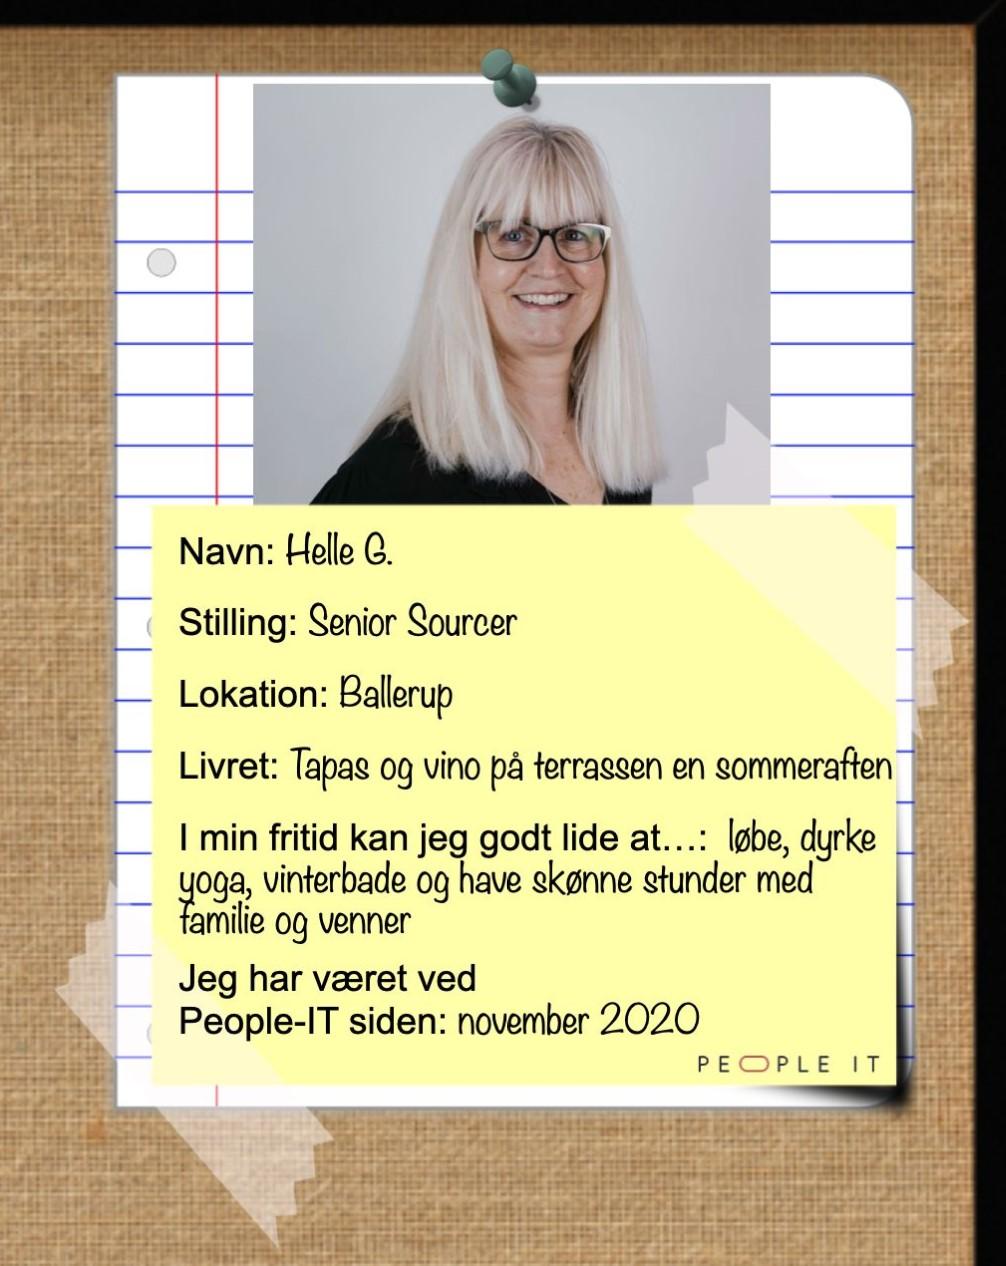 Helle G. People-IT. Freelance IT-konsulent